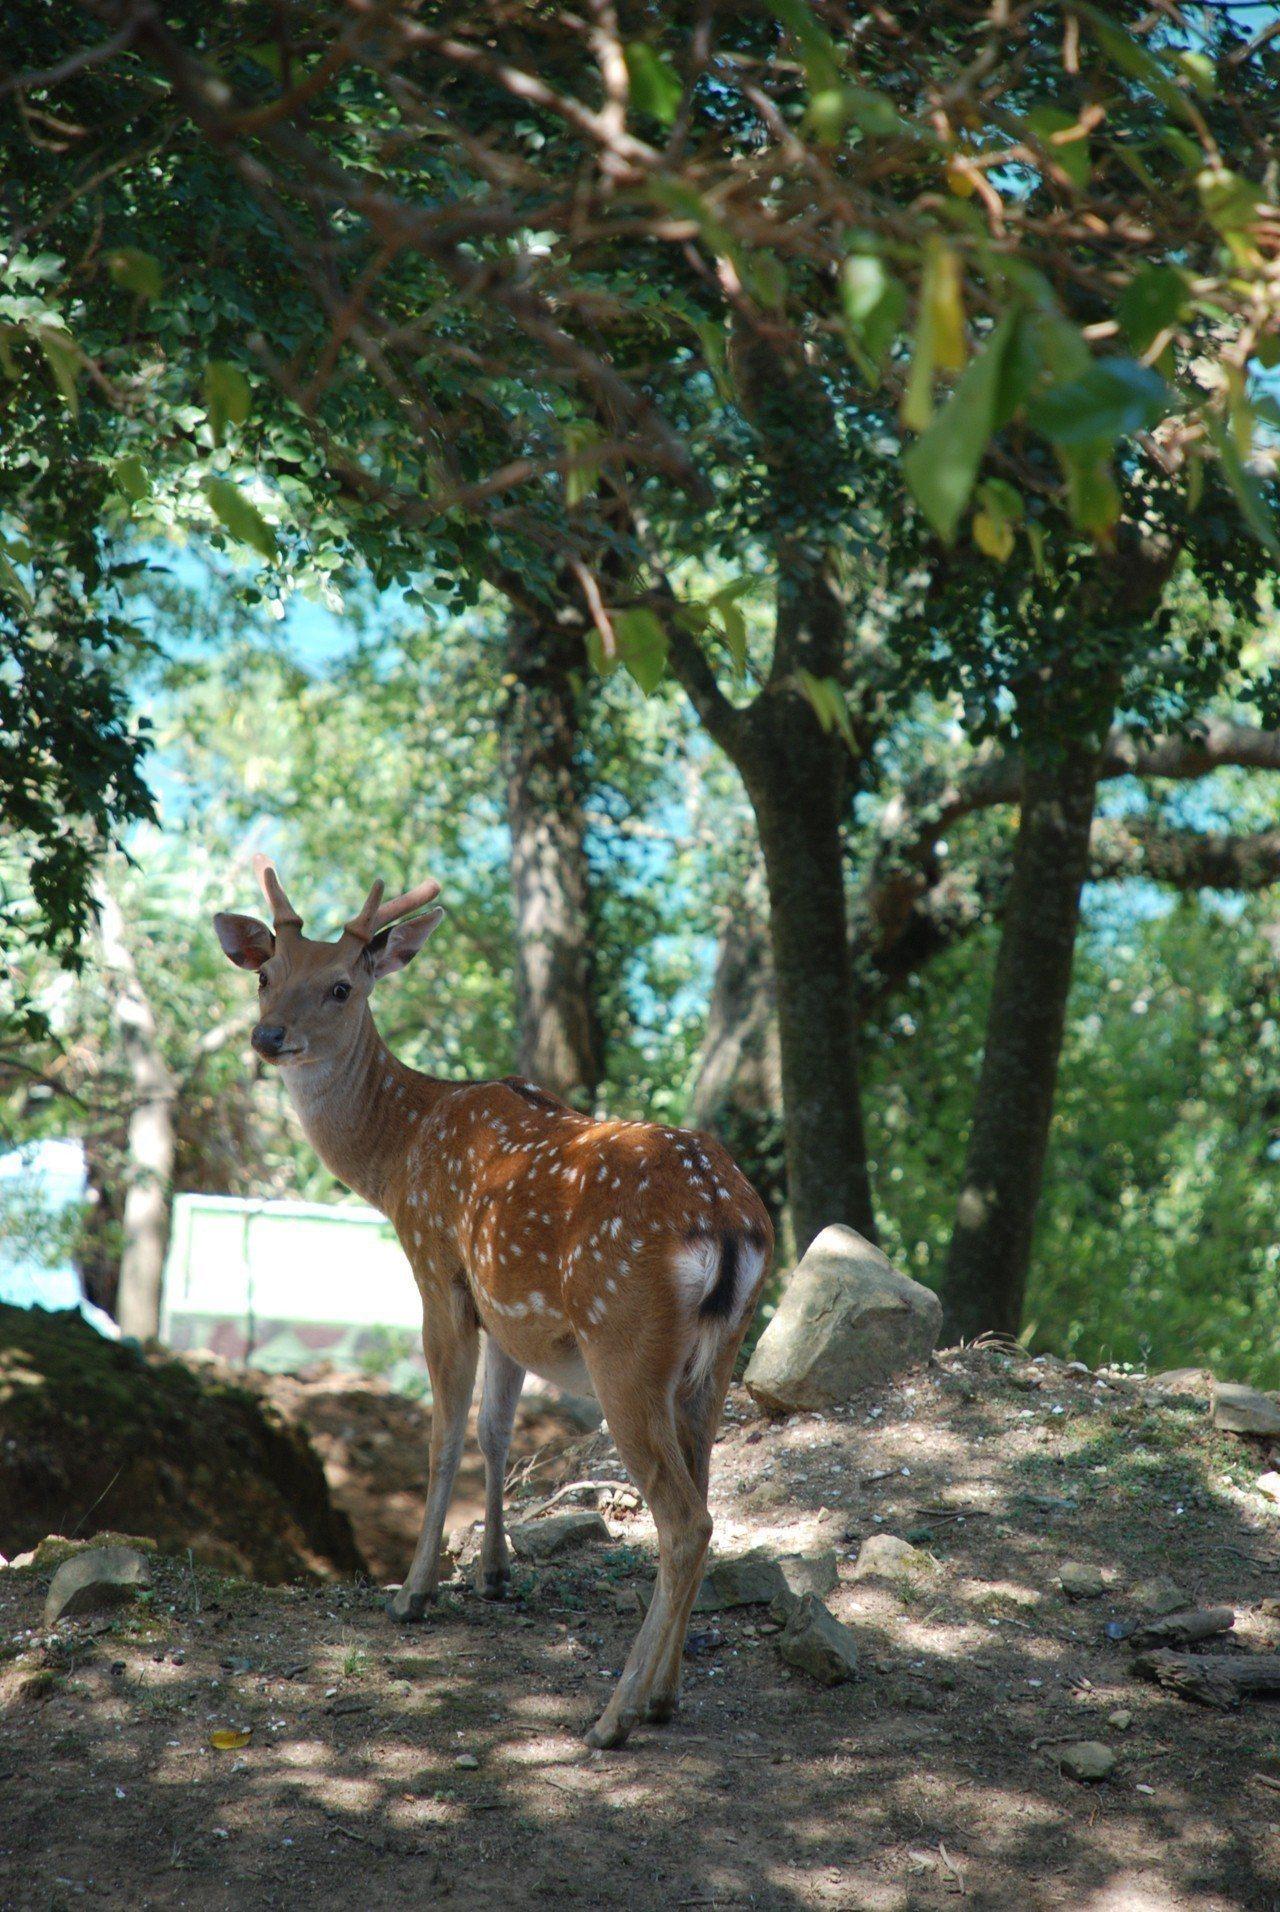 圖/大坵島擁有豐富的植物生態,海蝕地形,以及擁有超萌梅花鹿的大坵生態樂園。擷取自...